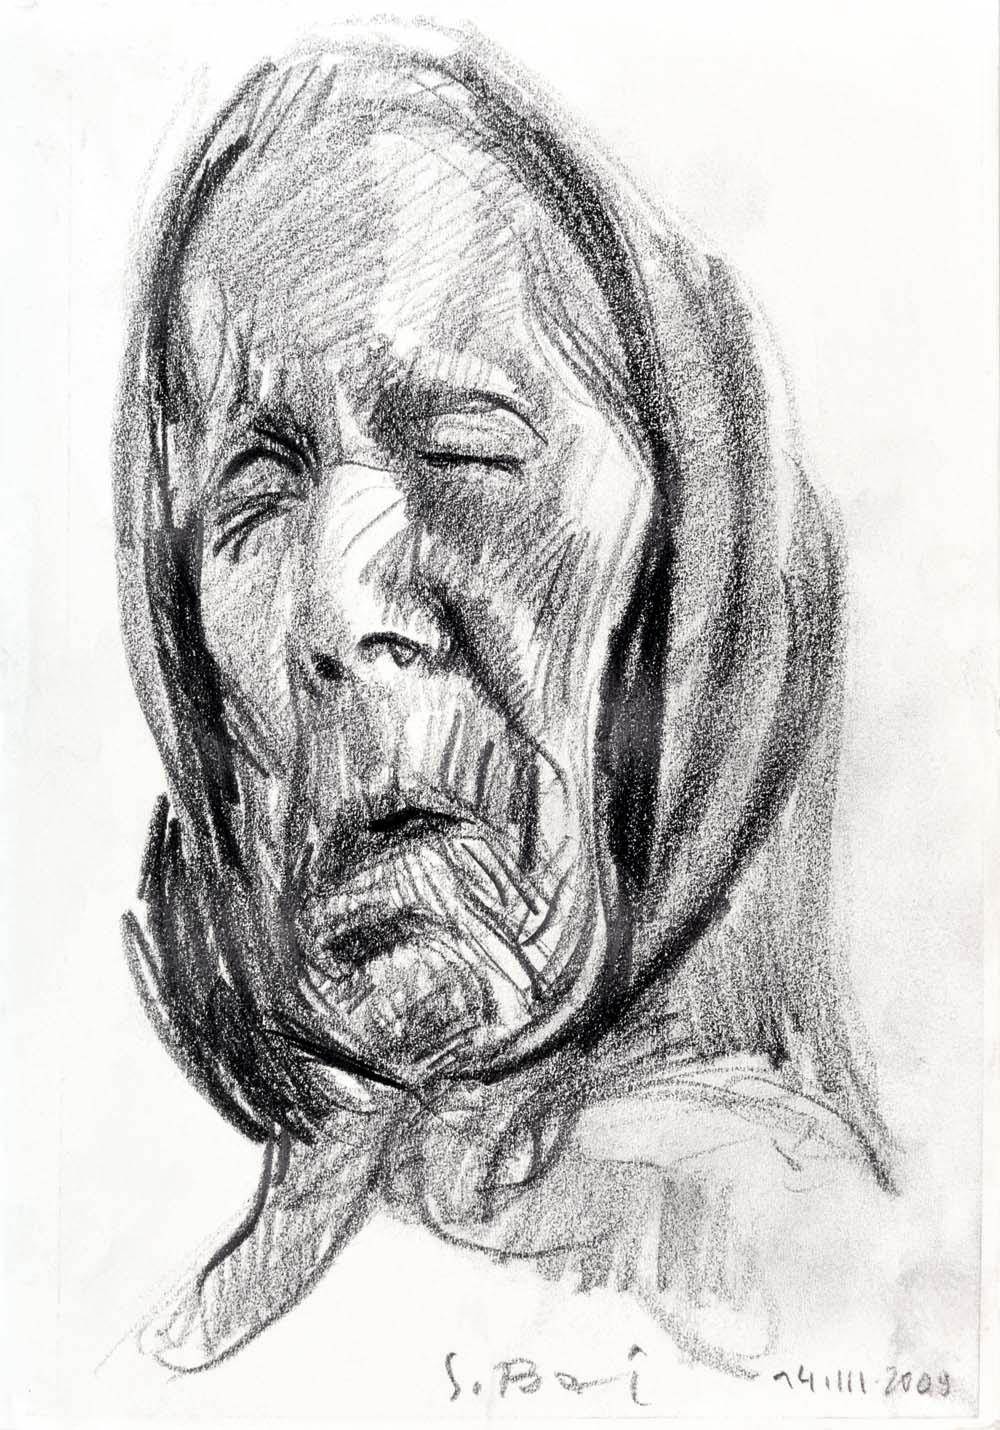 Stanisław Baj, Matka, rysunek ołówkiem na papierze, 29,5 X 21 cm, 2009